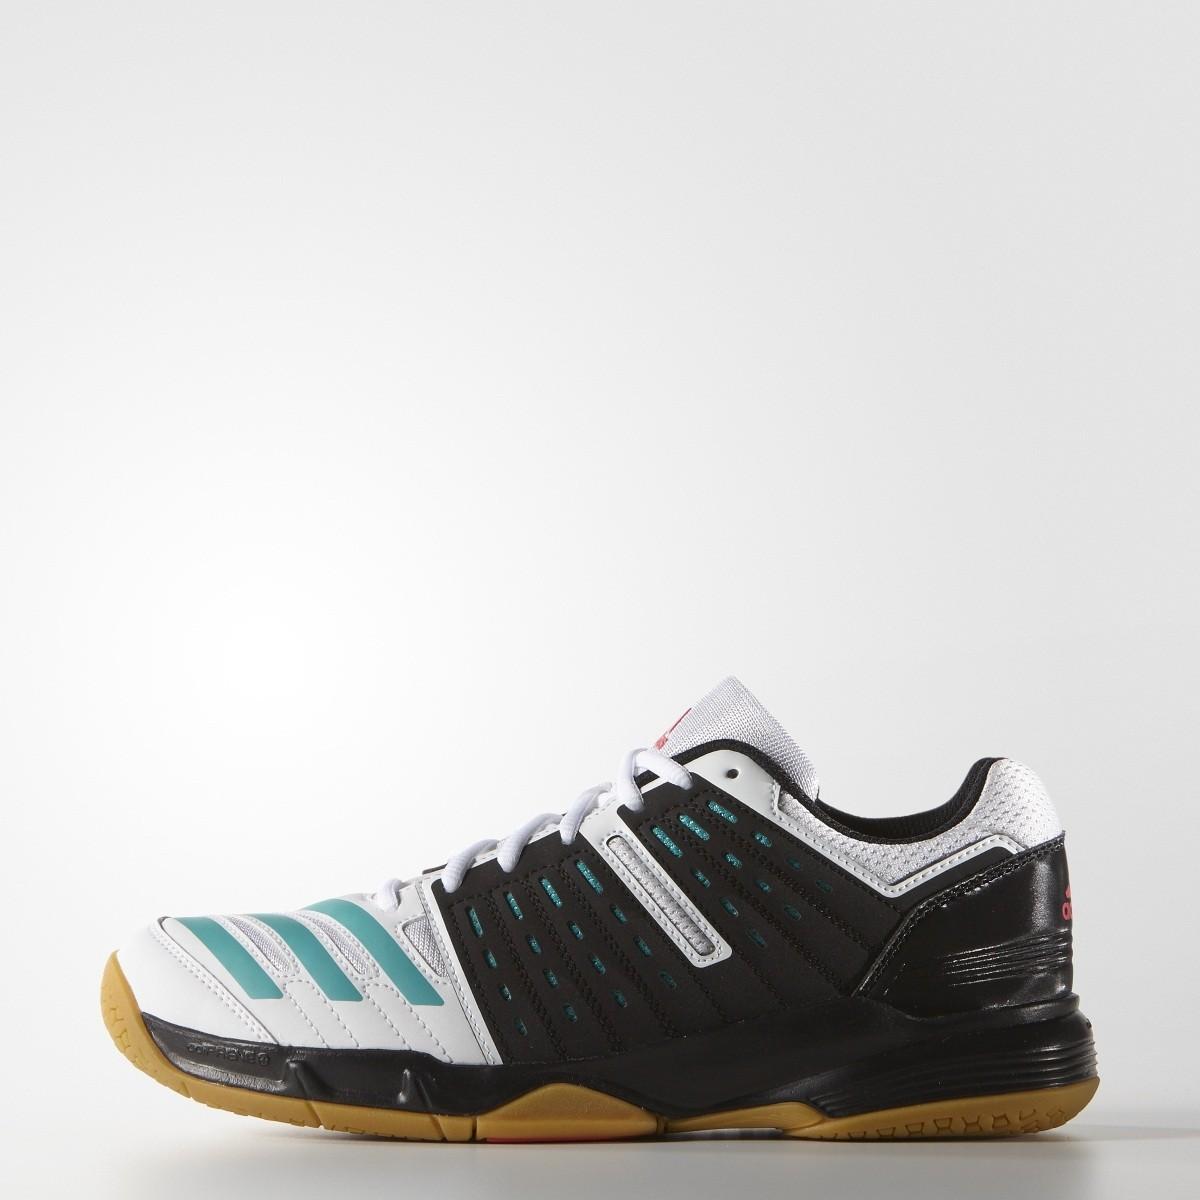 Dámská sálová obuv adidas Essence 12 W  b4773e4ea12